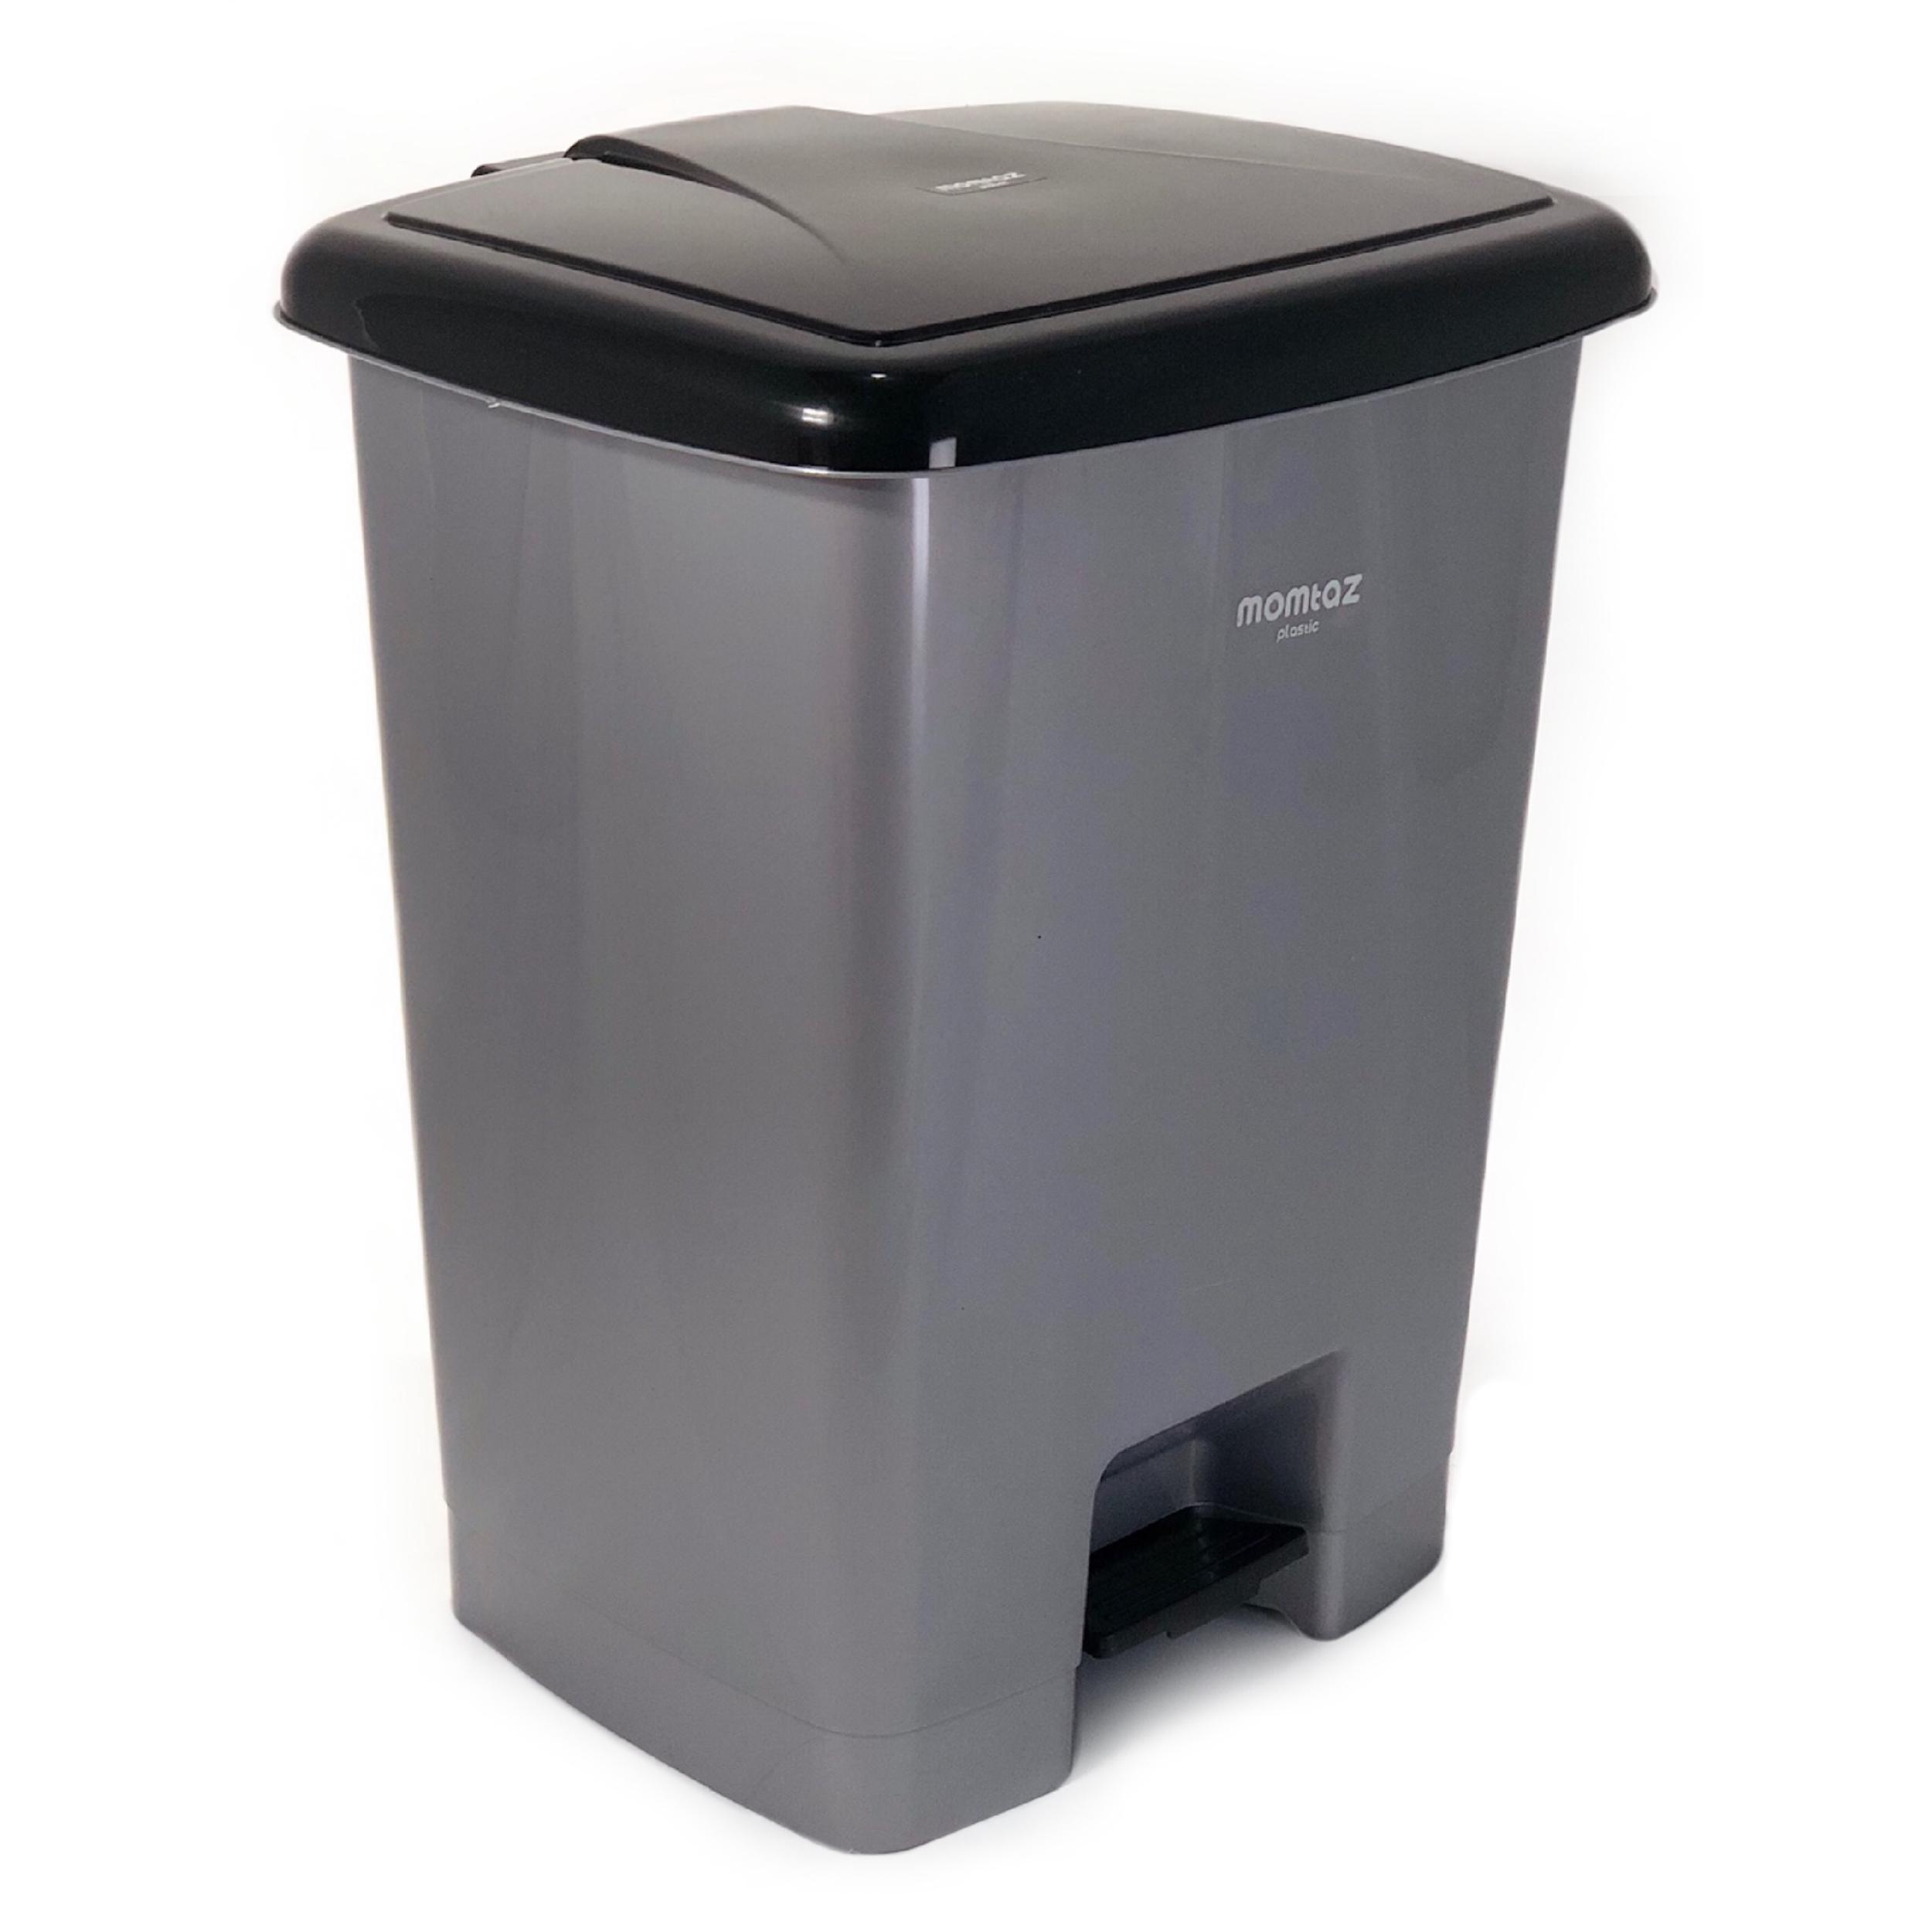 سطل زباله پدالی ممتاز پلاستیک مدل 740 ظرفیت ۳۵ لیتری